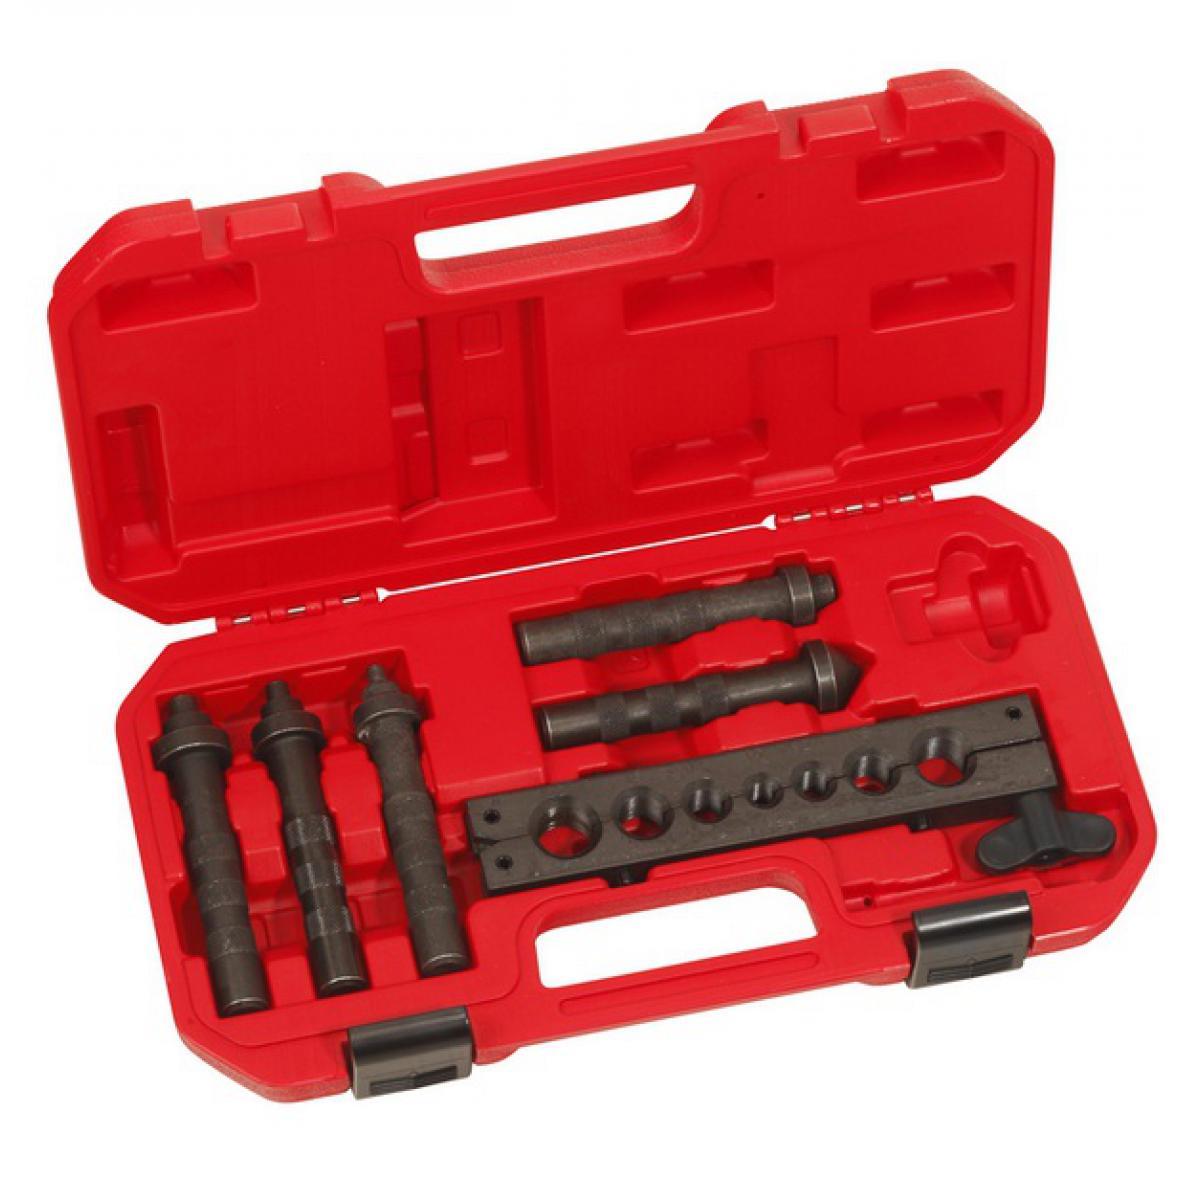 Virax Virax - Appareil à battre les collets matrice pour tube Ø 6 - 8 - 10 - 12 - 14 mm